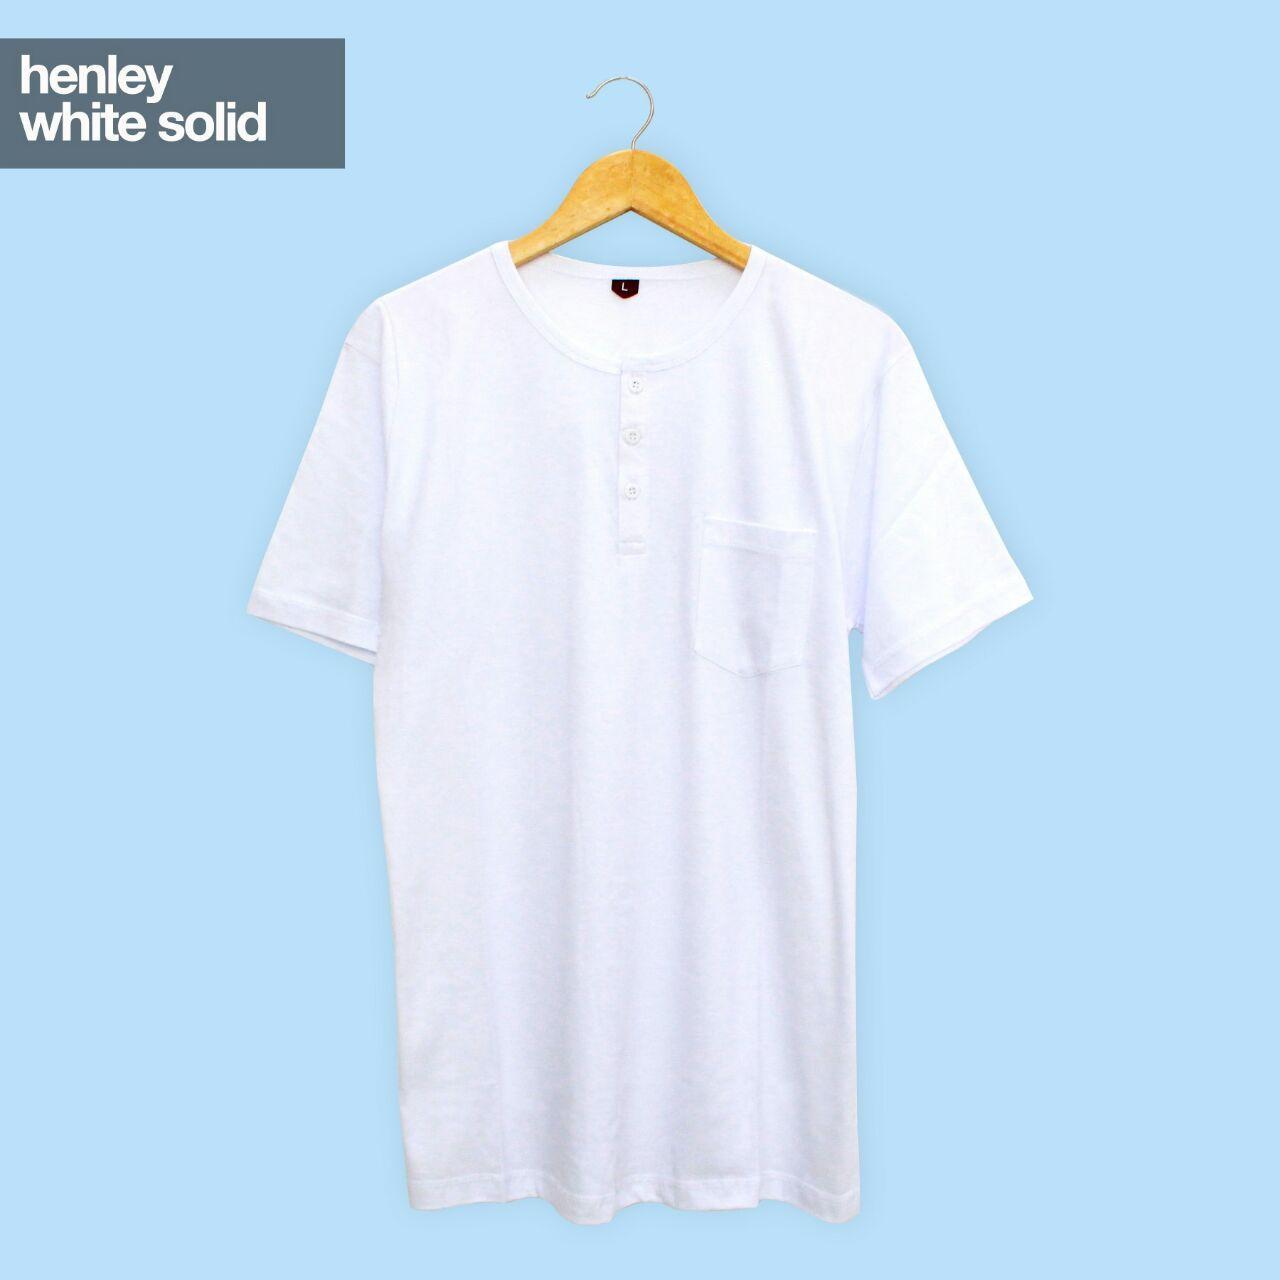 Kehebatan Kaos Polos Henley Navy Blue Pria Wanita Saku Kancing Warna Baju Tangan Pendek White Solid Putih